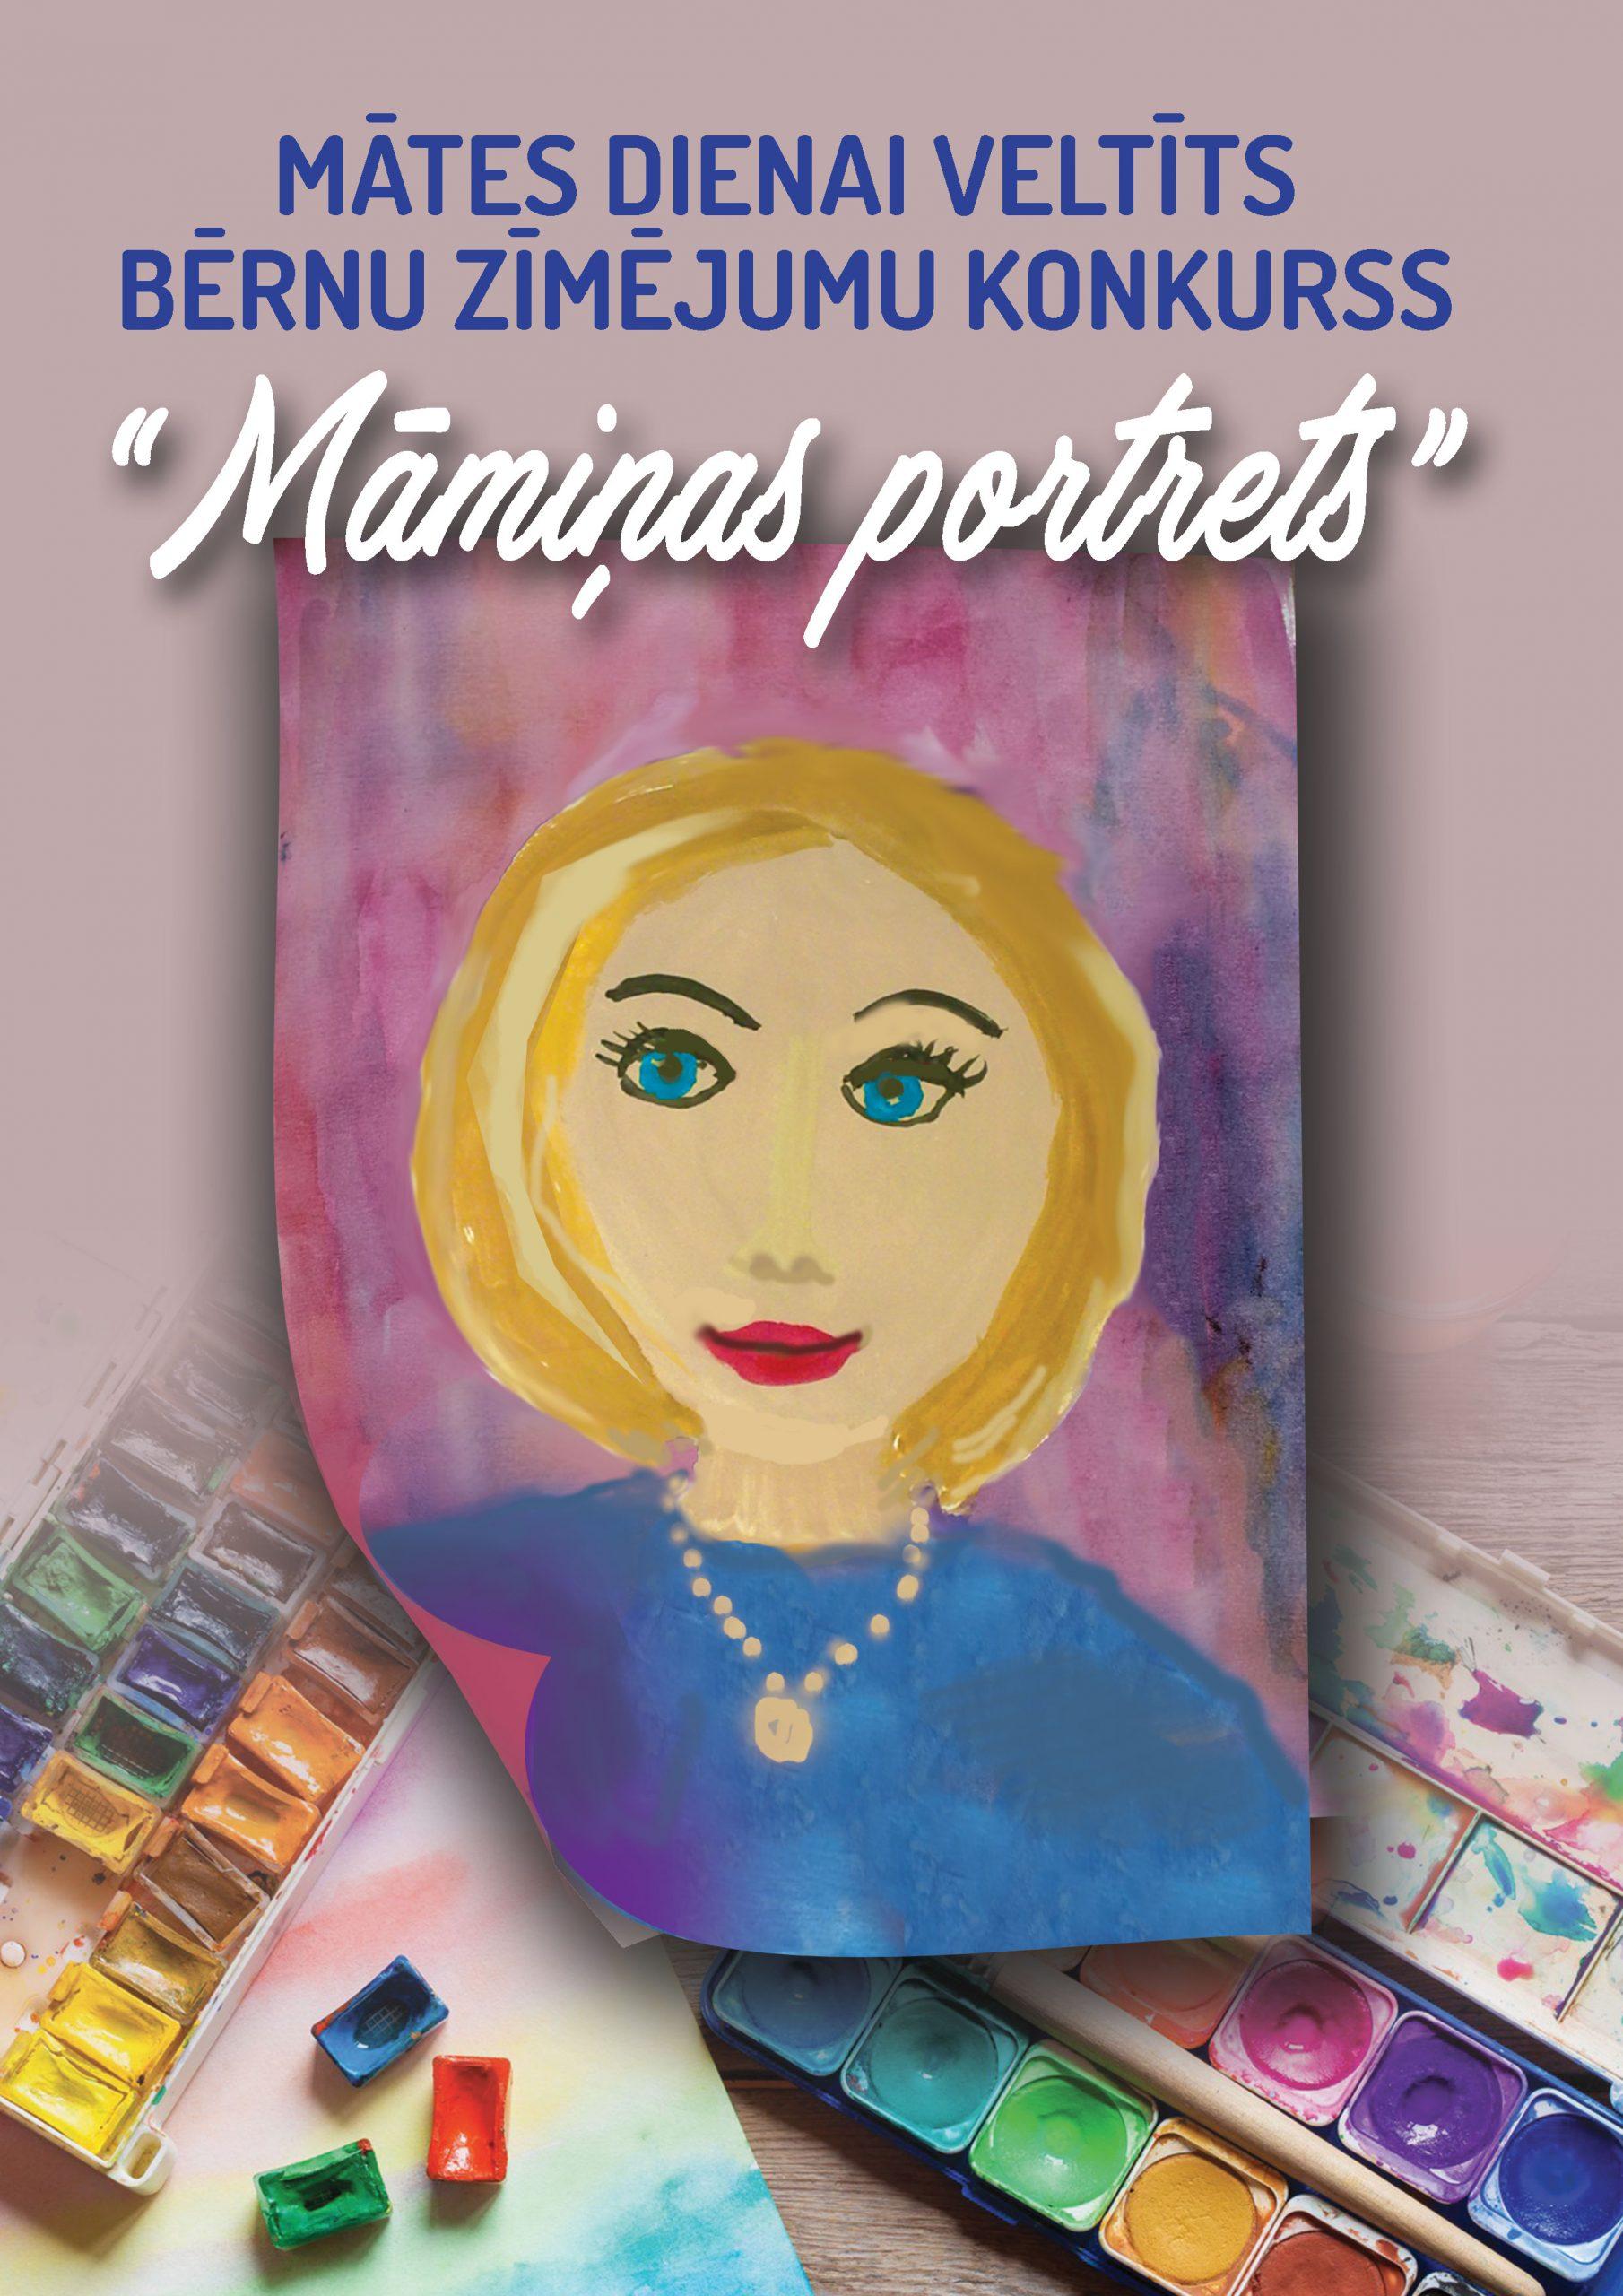 """Mātes dienai veltīts bērnu zīmējumu konkurss """"Māmiņas portrets"""""""